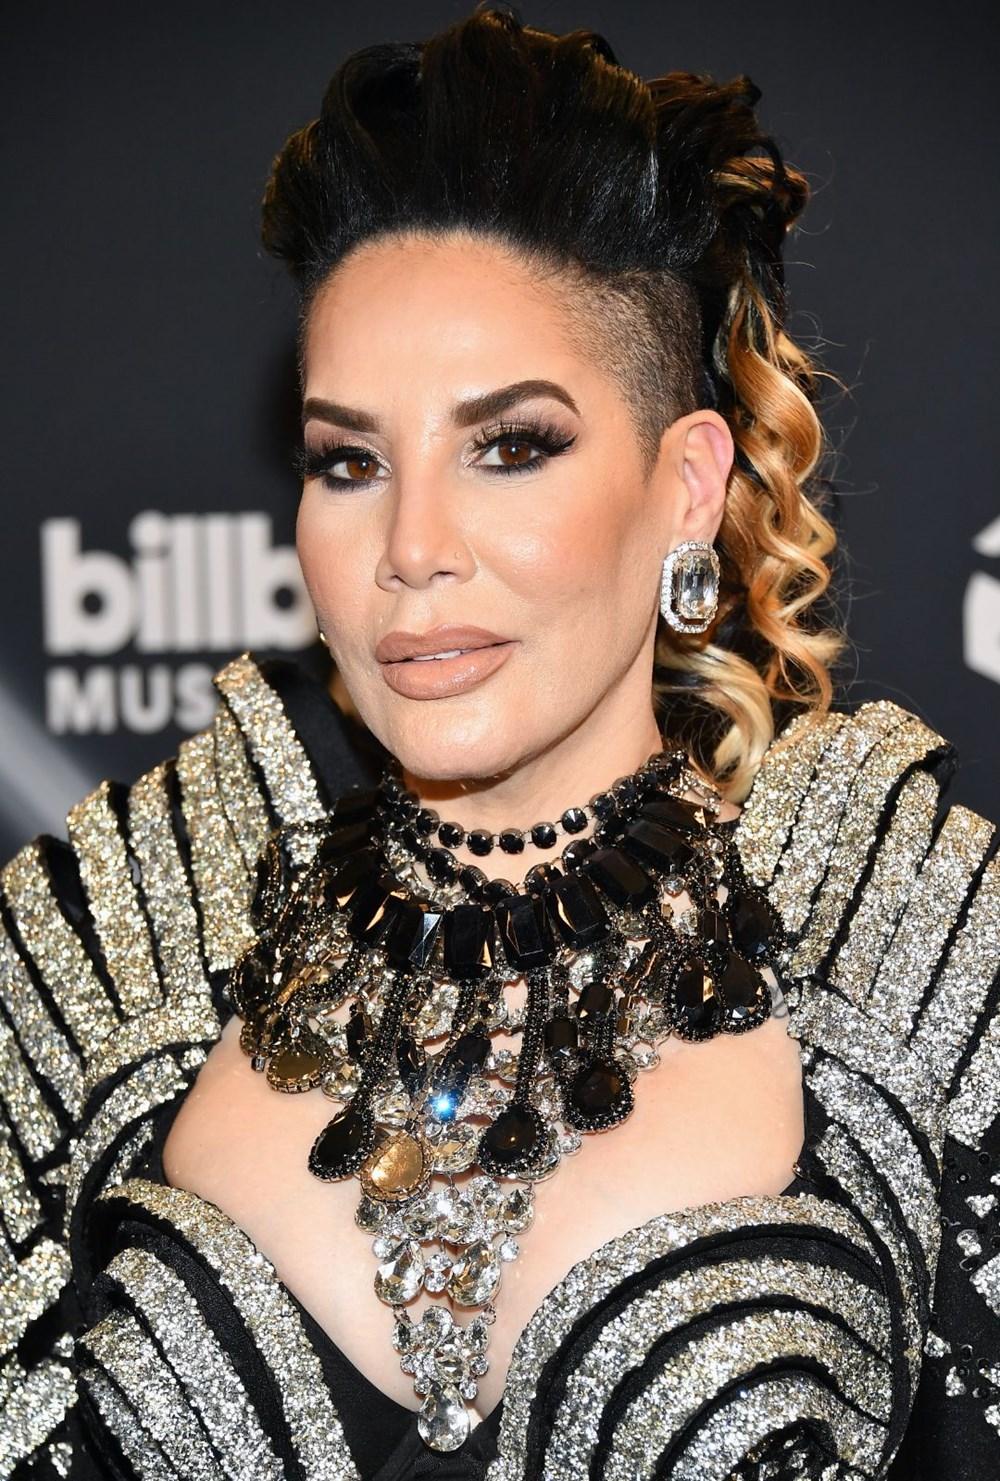 2020 Billboard Müzik Ödülleri sahiplerini buldu - 21